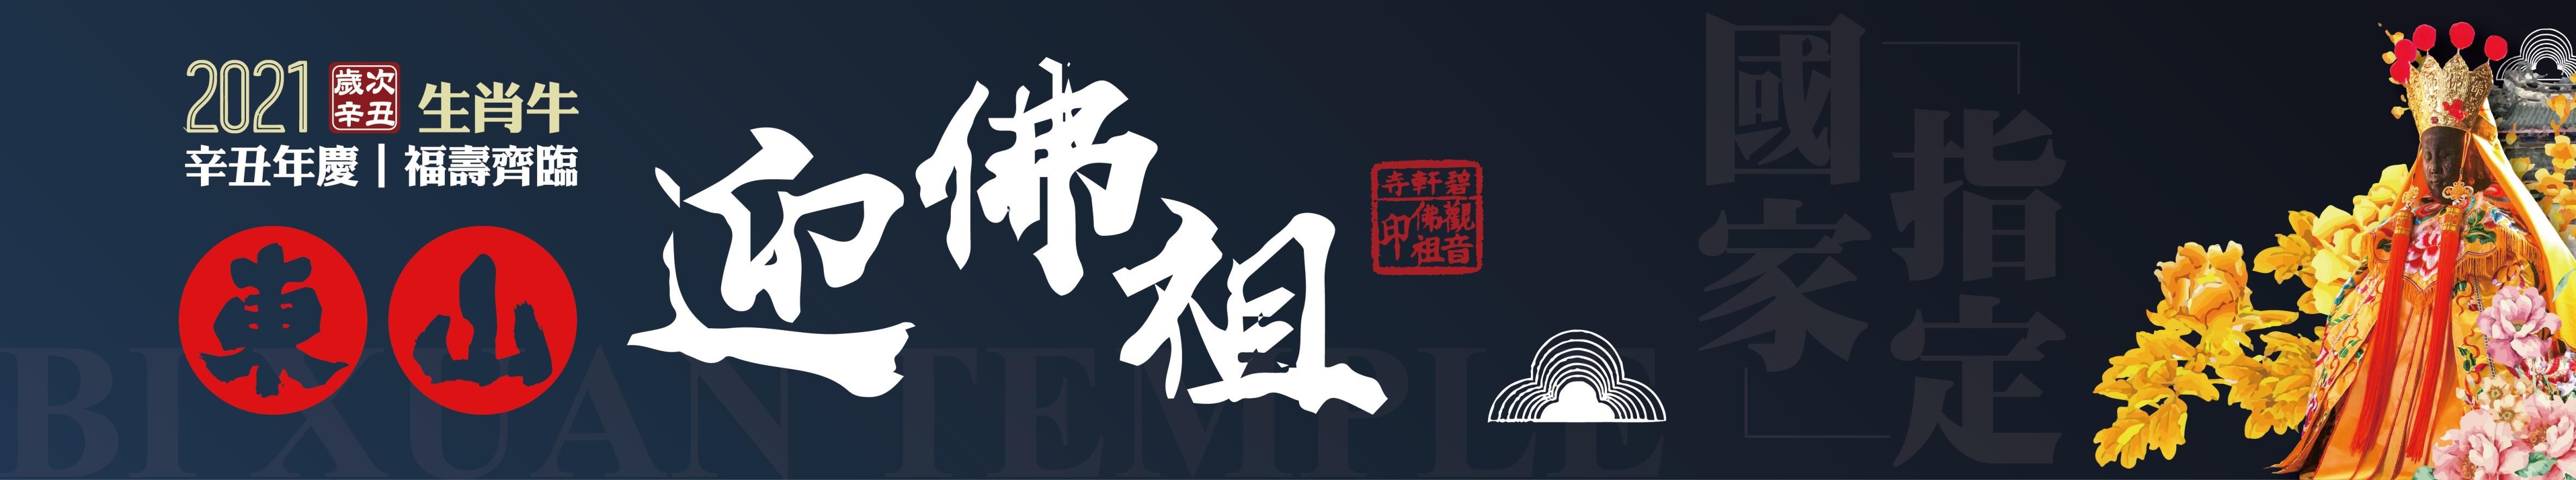 2021東山迎佛祖(迎駕)